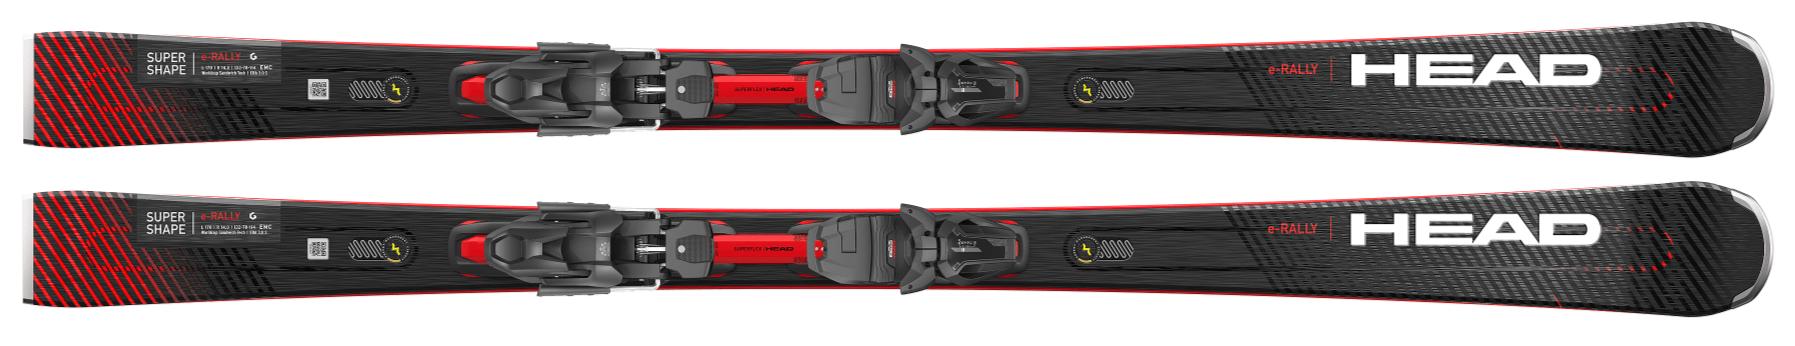 narty head supershape e-rally 2021